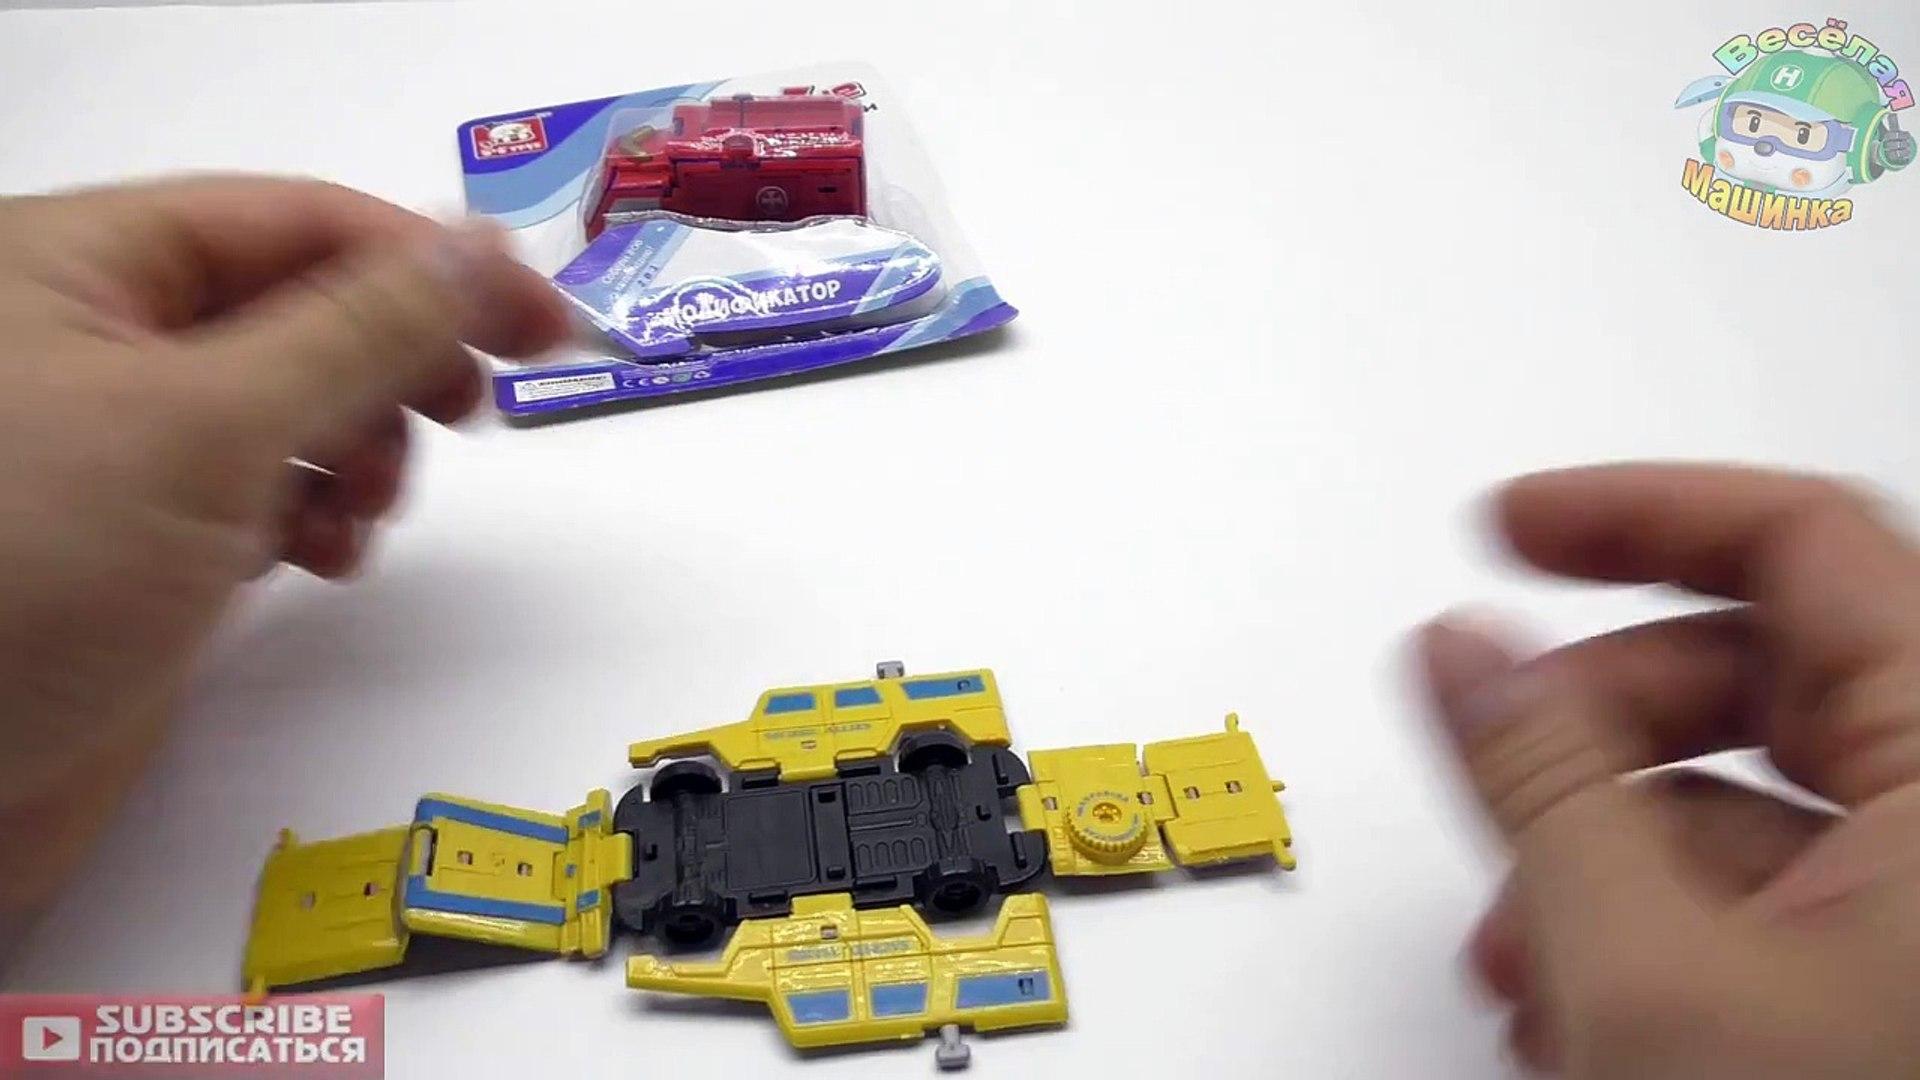 Машинки для детей - Машинки которые меняют цвет. Cartoon about toy cars